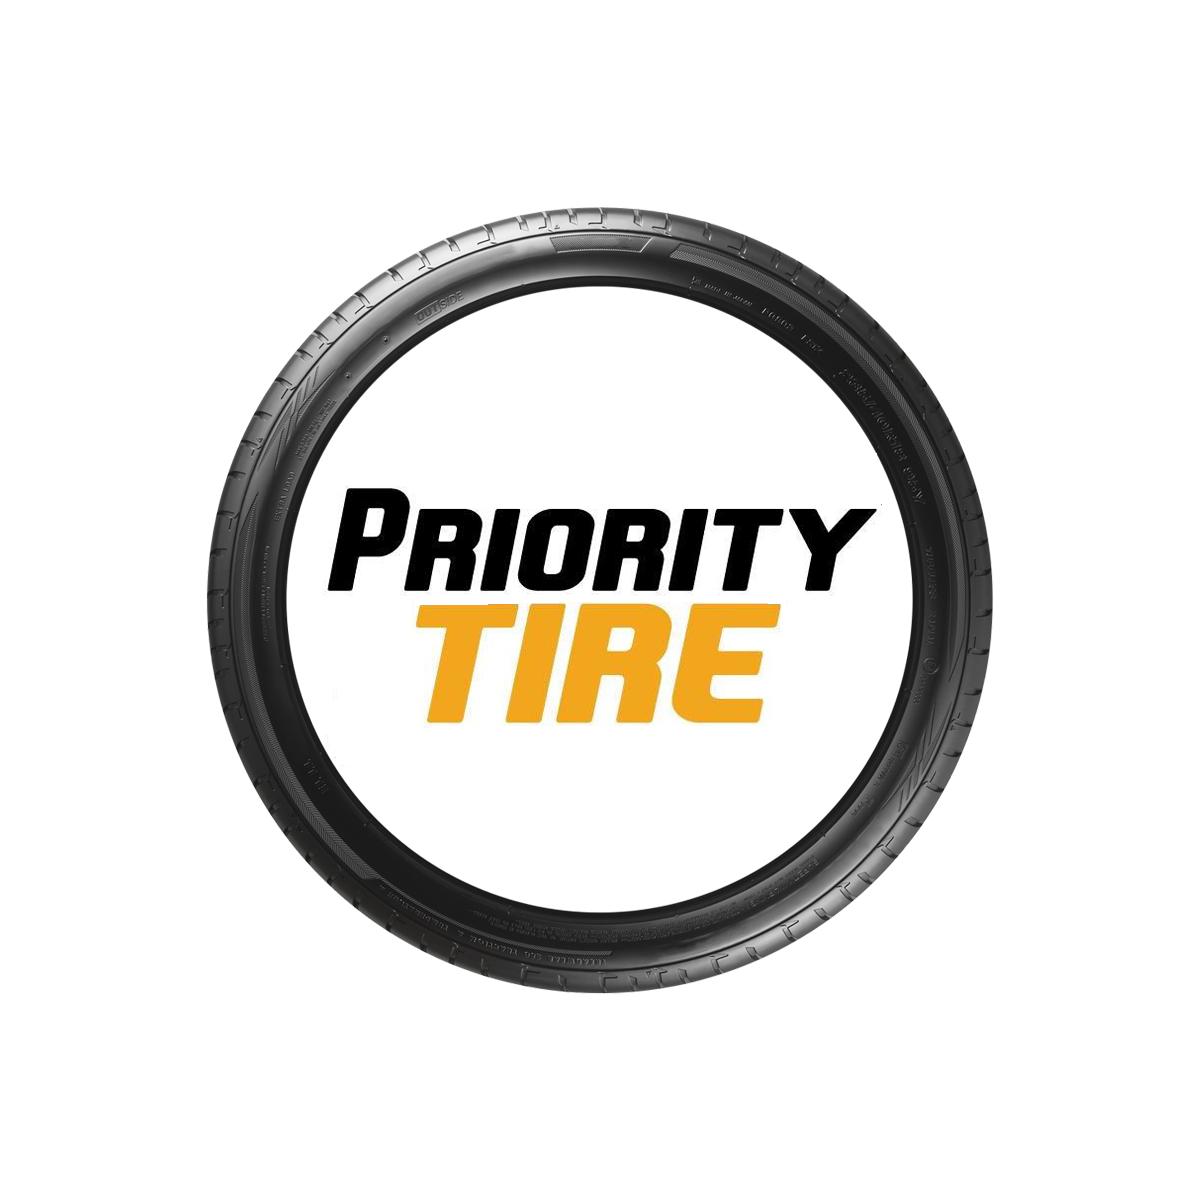 Prioritytireoutlet